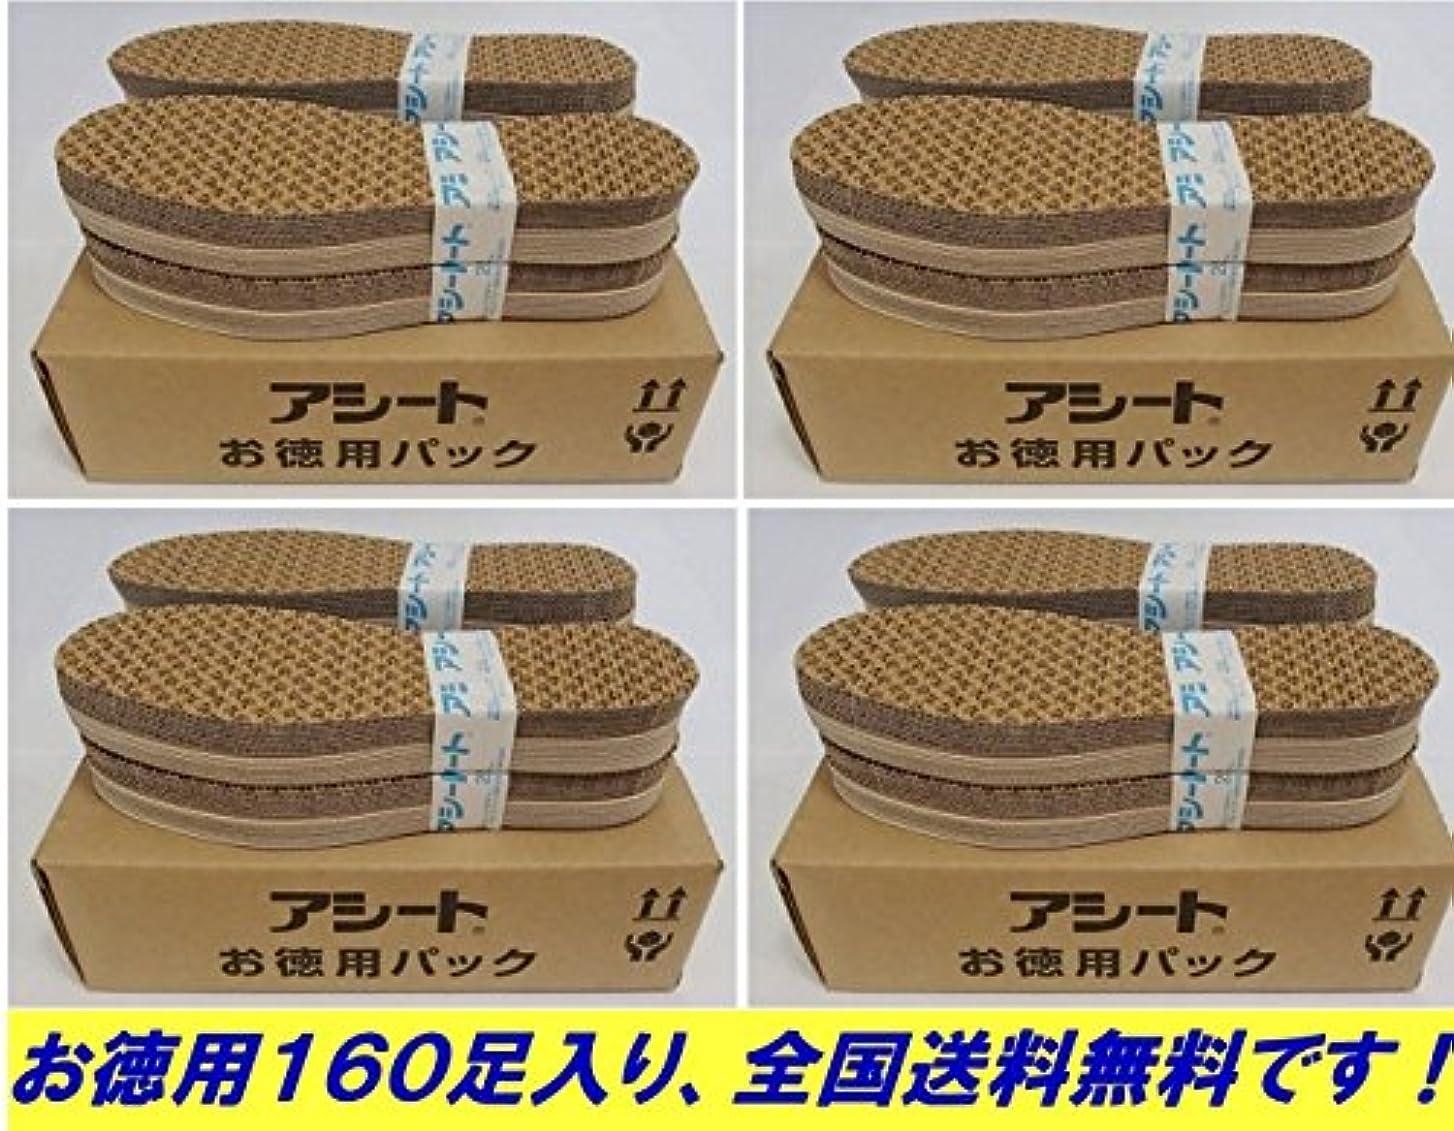 踊り子眠る余分なアシートOタイプ40足入お徳用4パックの160足セット (26.5~27cm 男性靴用)